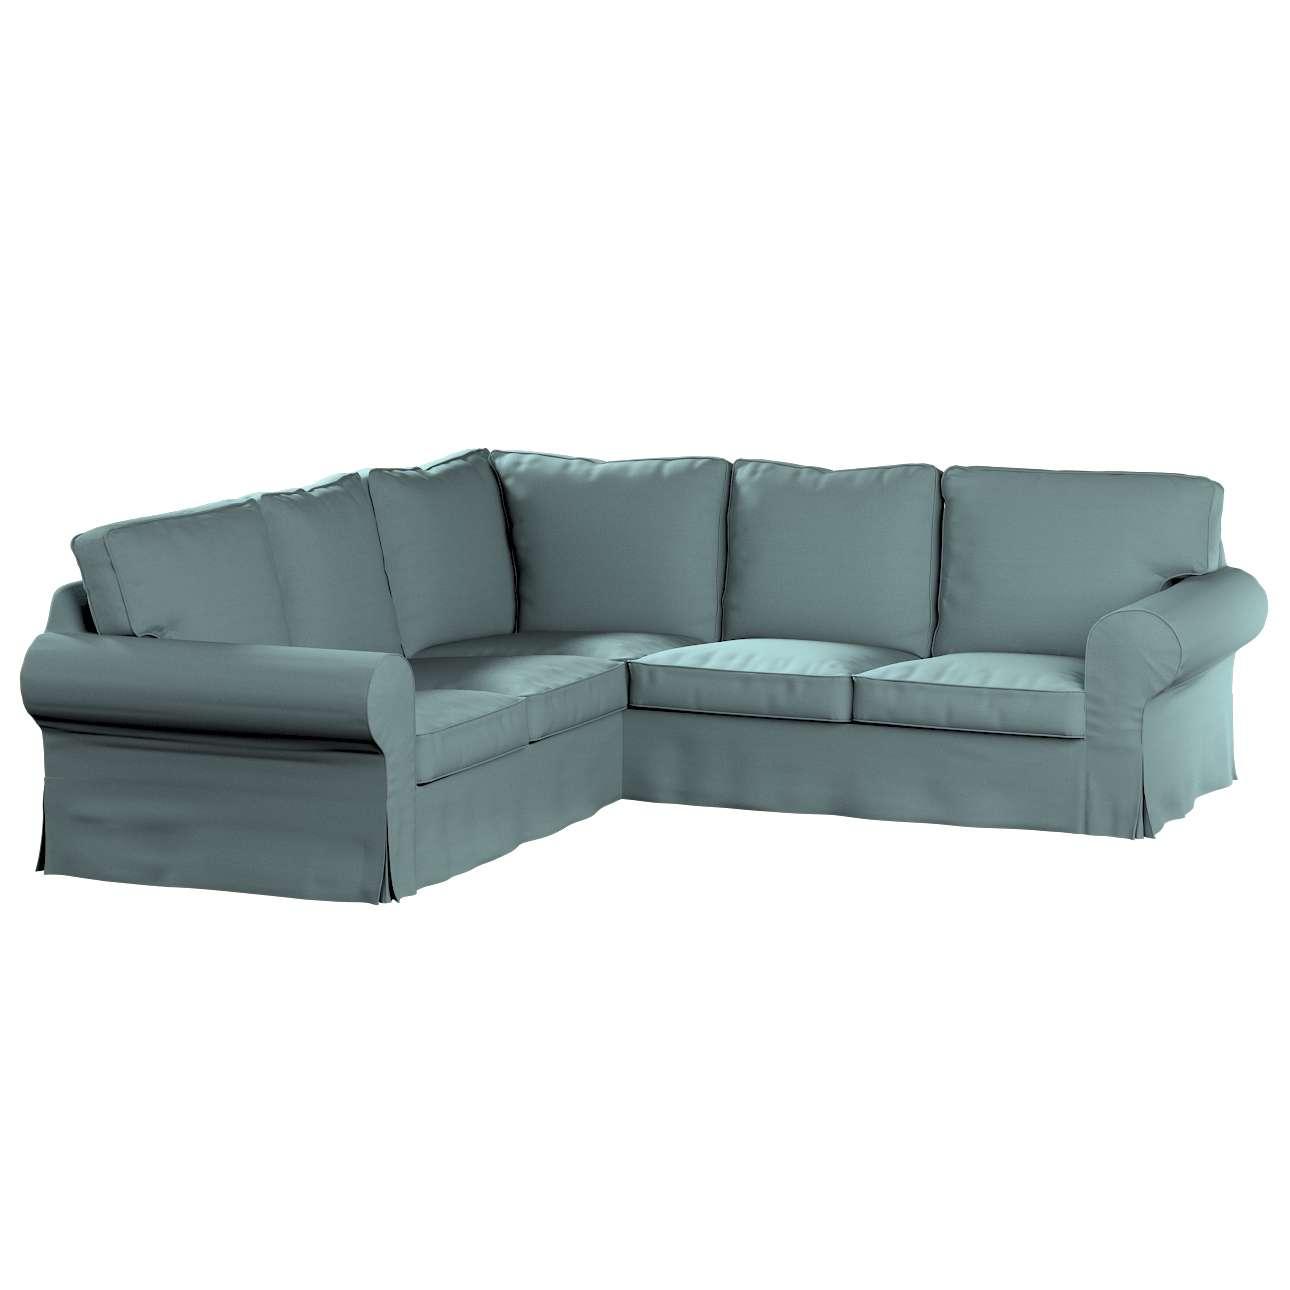 Pokrowiec na sofę narożną Ektorp w kolekcji Cotton Panama, tkanina: 702-40